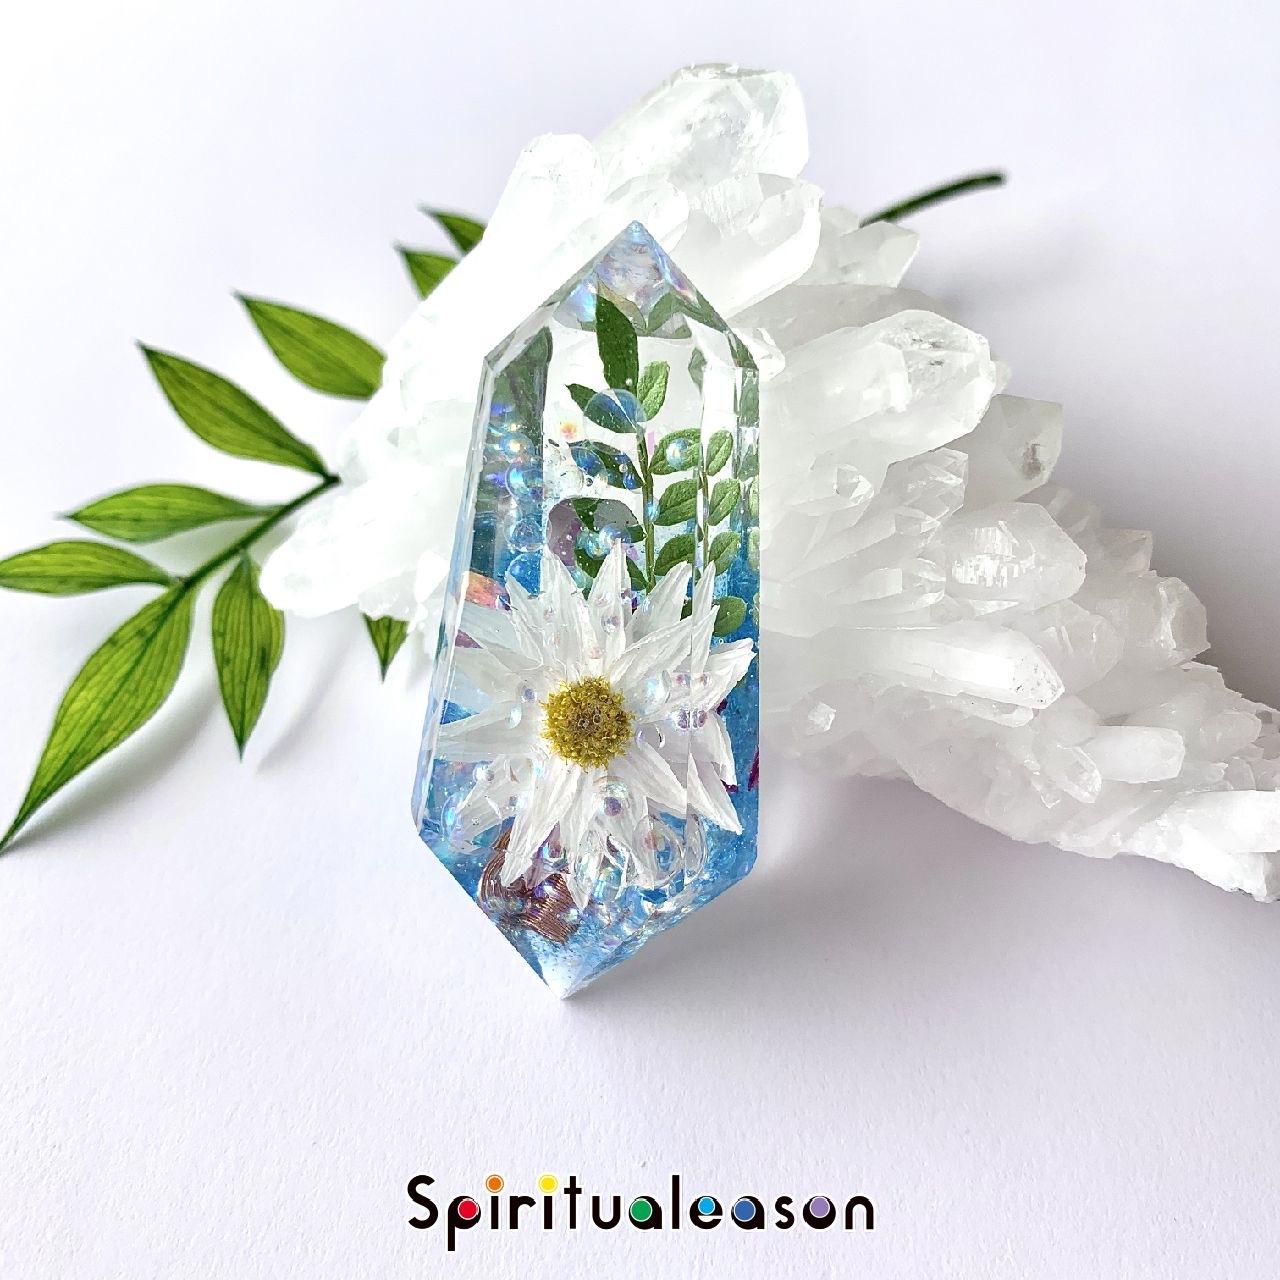 ペーパーカスケード【花言葉/小さな思い出】フラワーオルゴナイトクリスタル